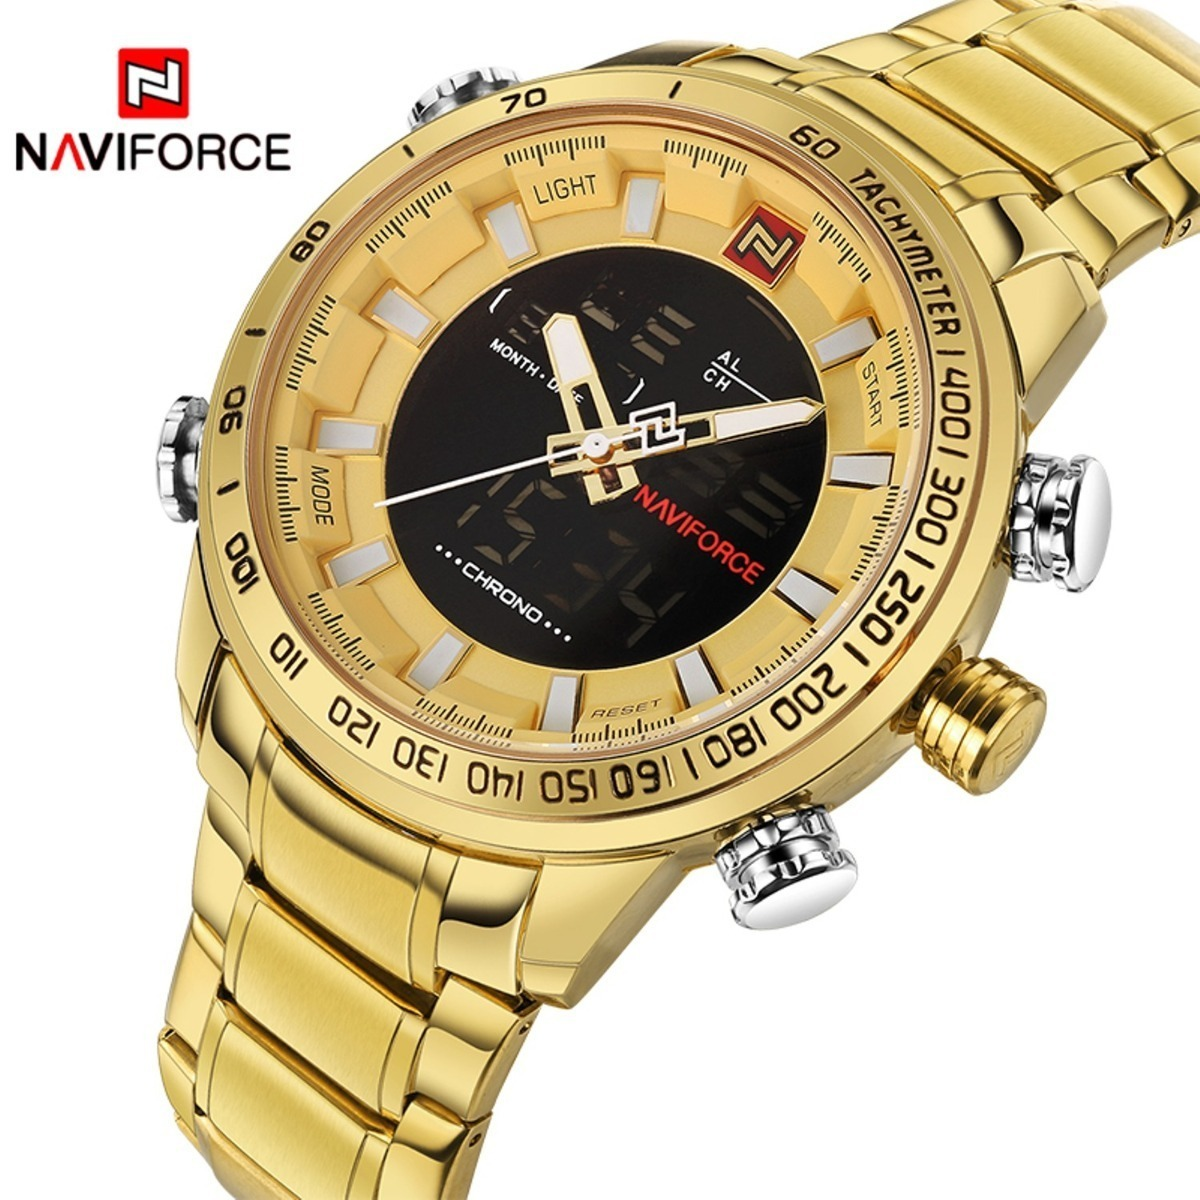 8c74000c96e Relógio Masculino Naviforce Dourado Digital Aço Original - R  205